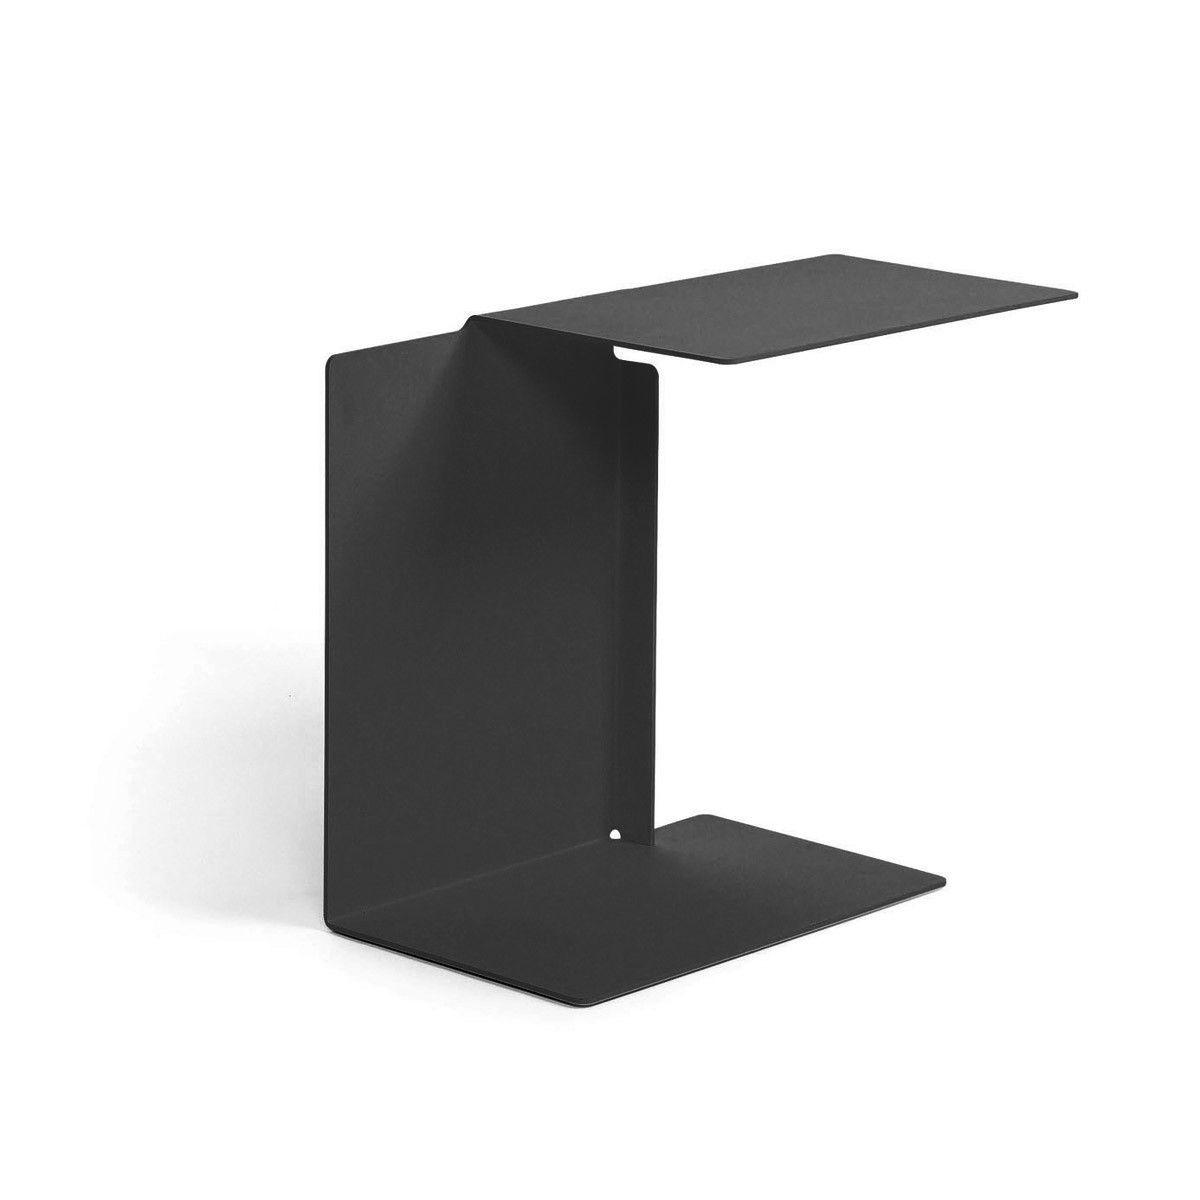 Beistelltische Schwarz classicon diana a beistelltisch schwarz jetzt bestellen unter